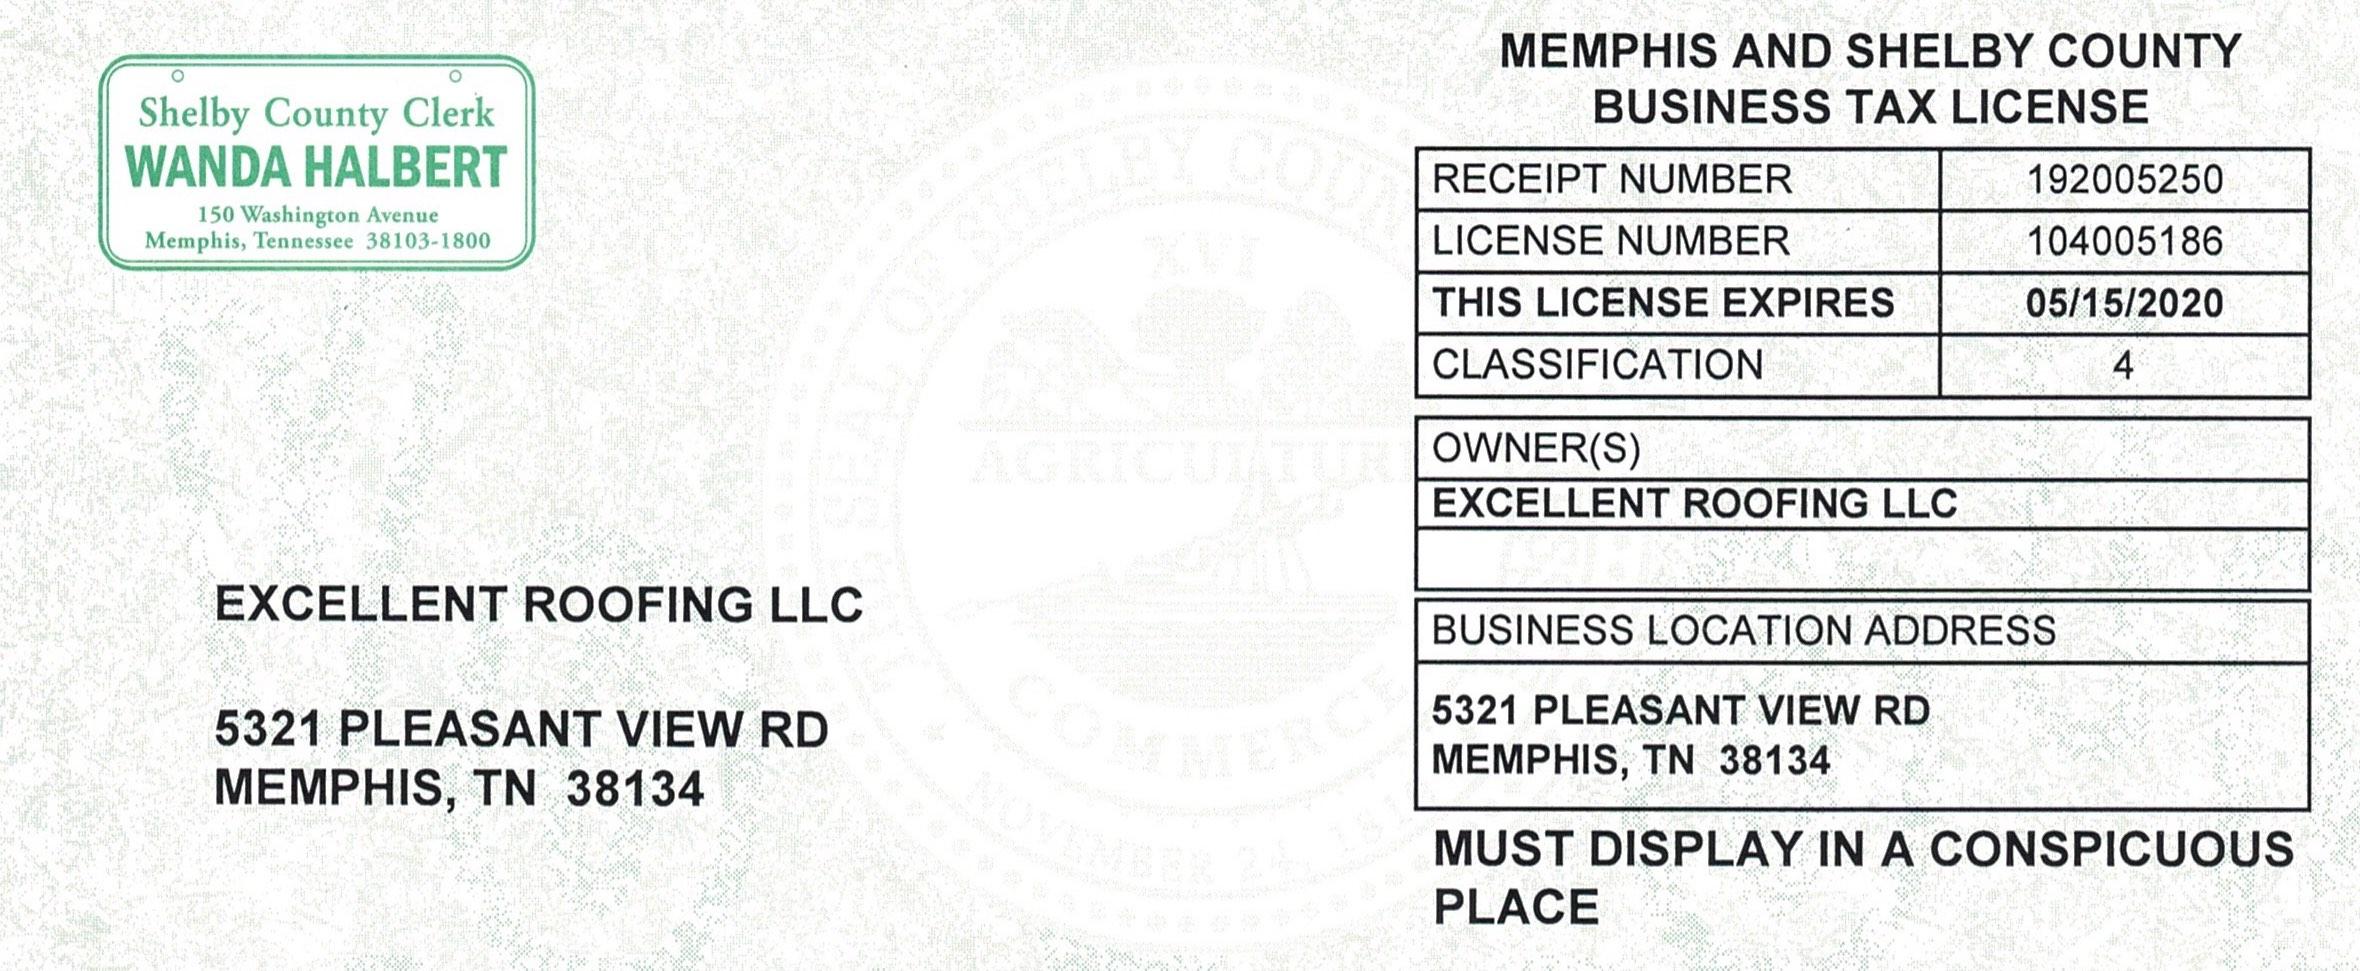 Excellent Roofing Tenn Biz License 2020